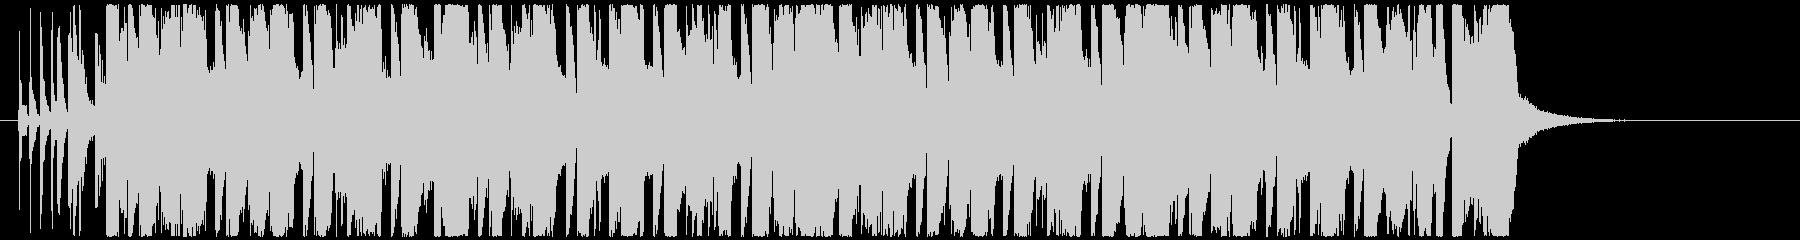 ノリノリな8BitエレクトロハウスEDMの未再生の波形